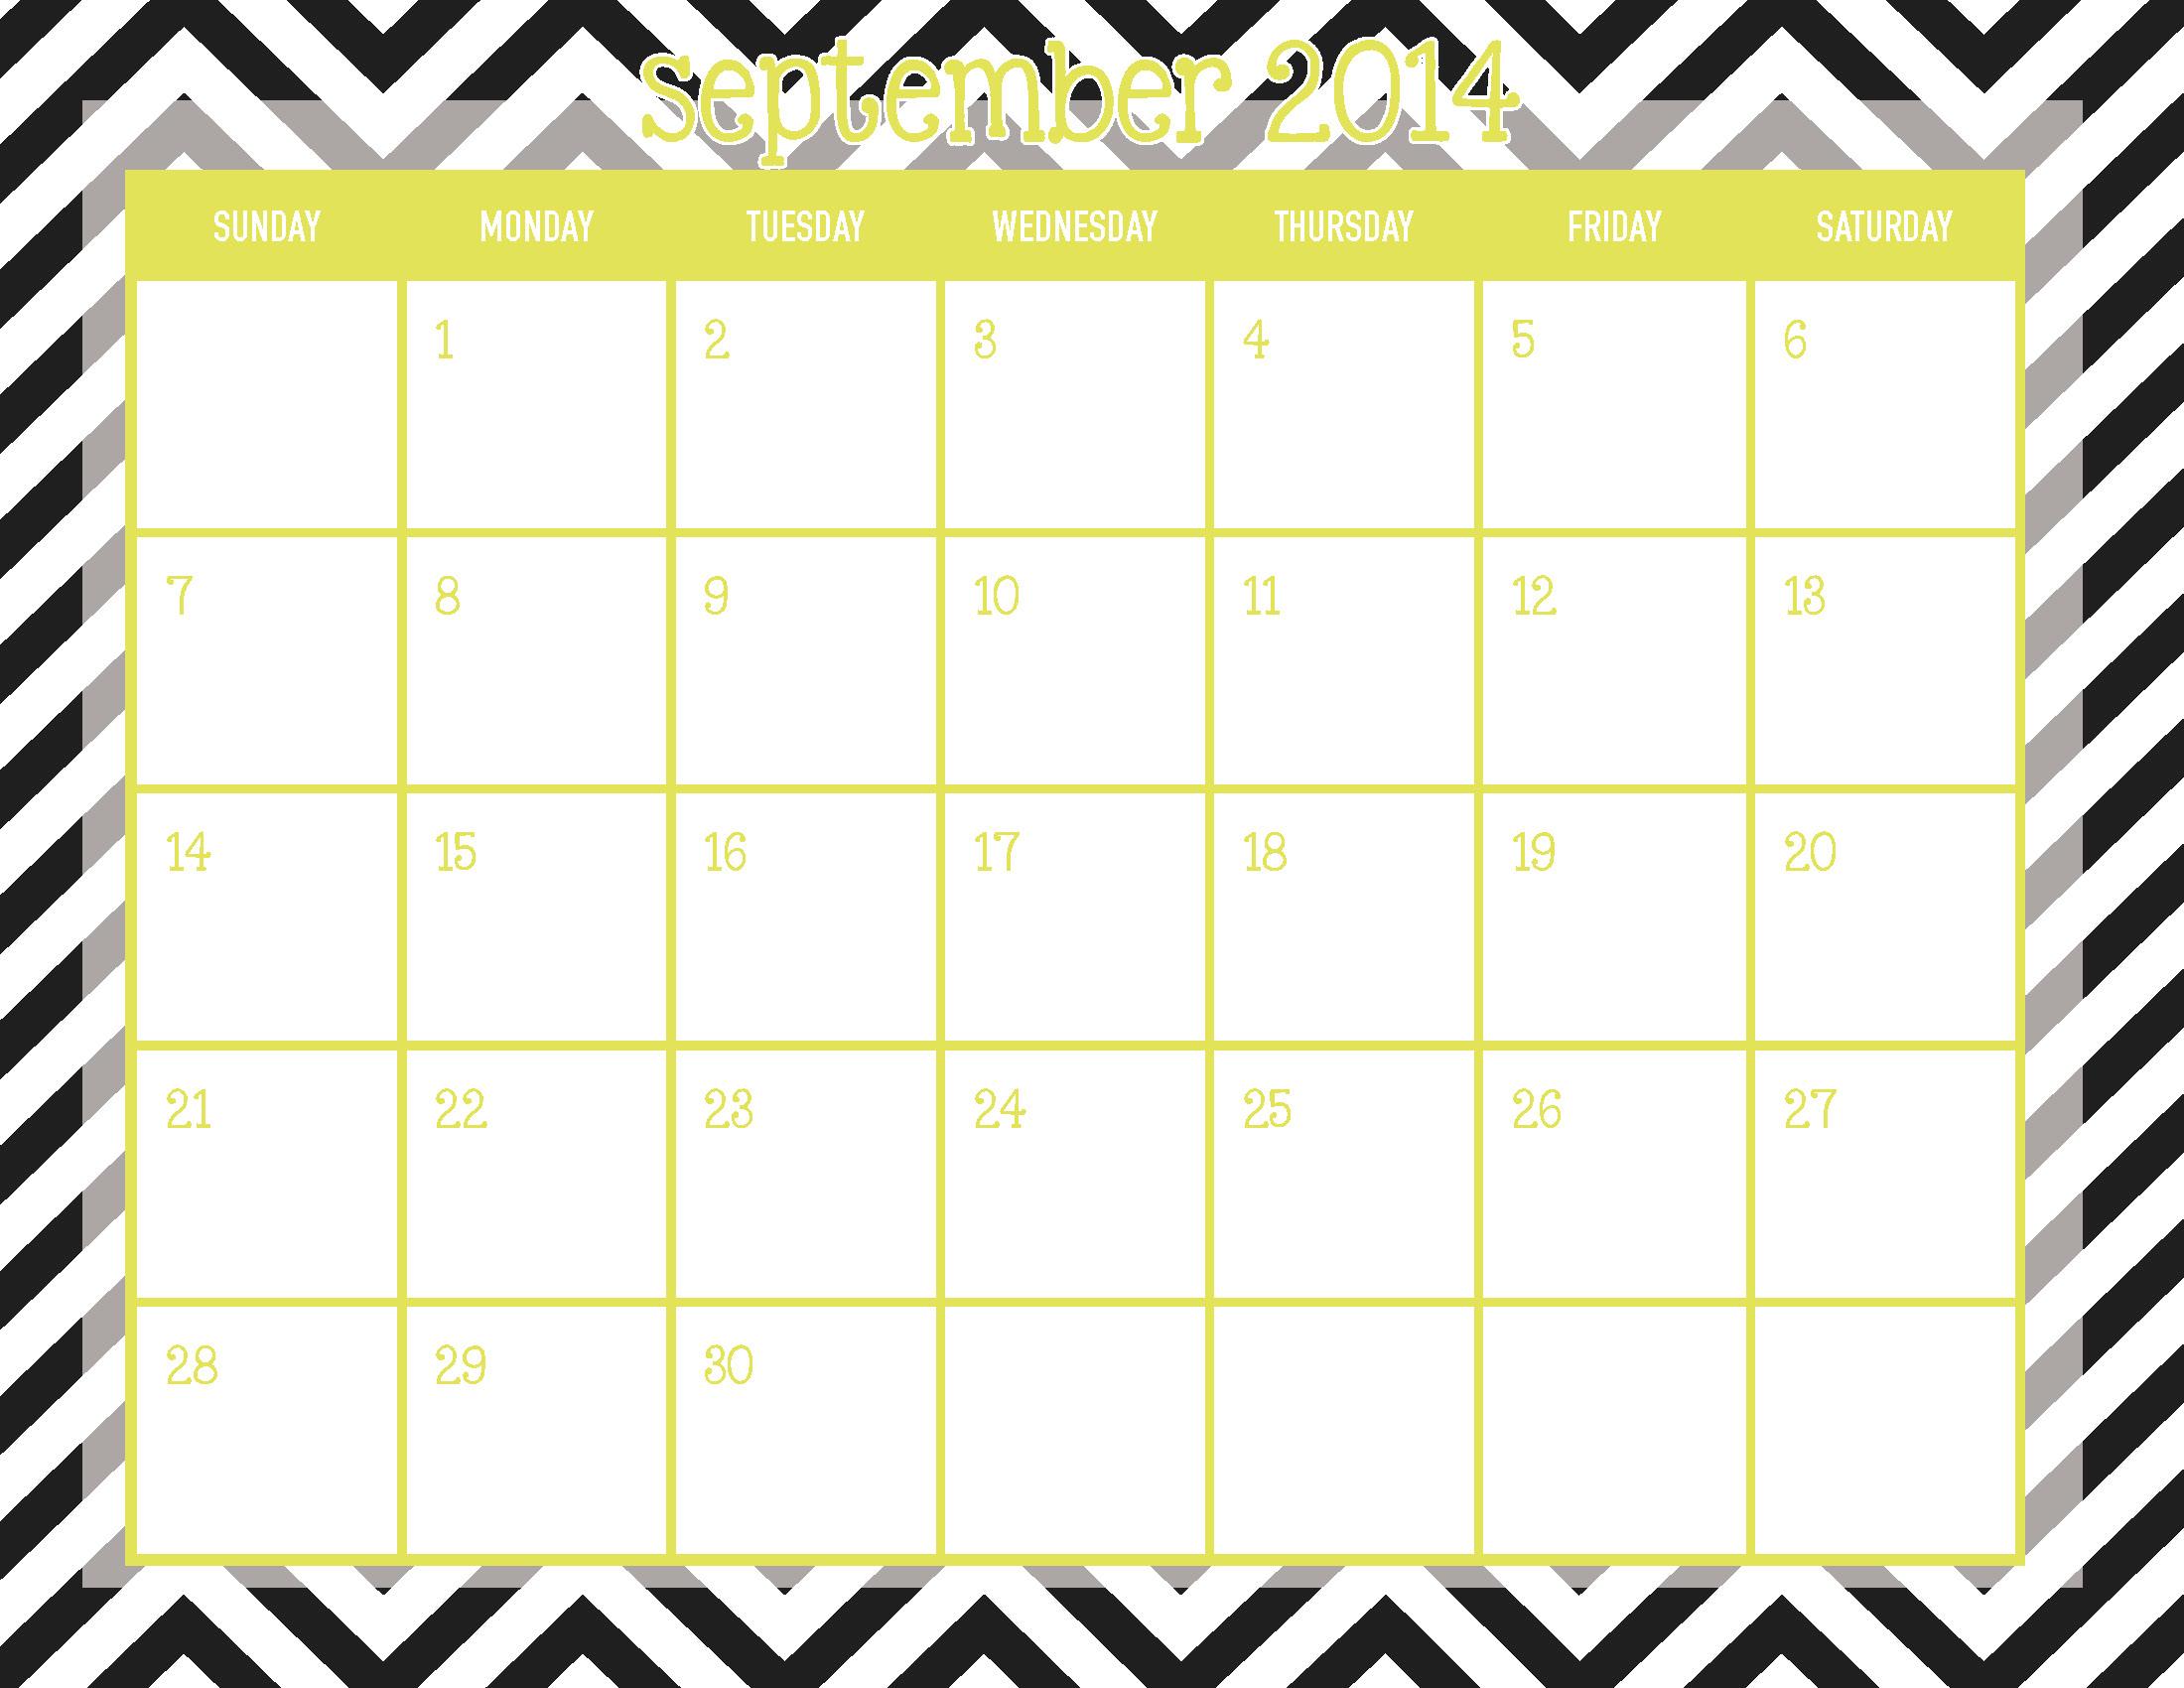 Simple & Savvy Designs | Blog within Calendar Ng Manok Panabong